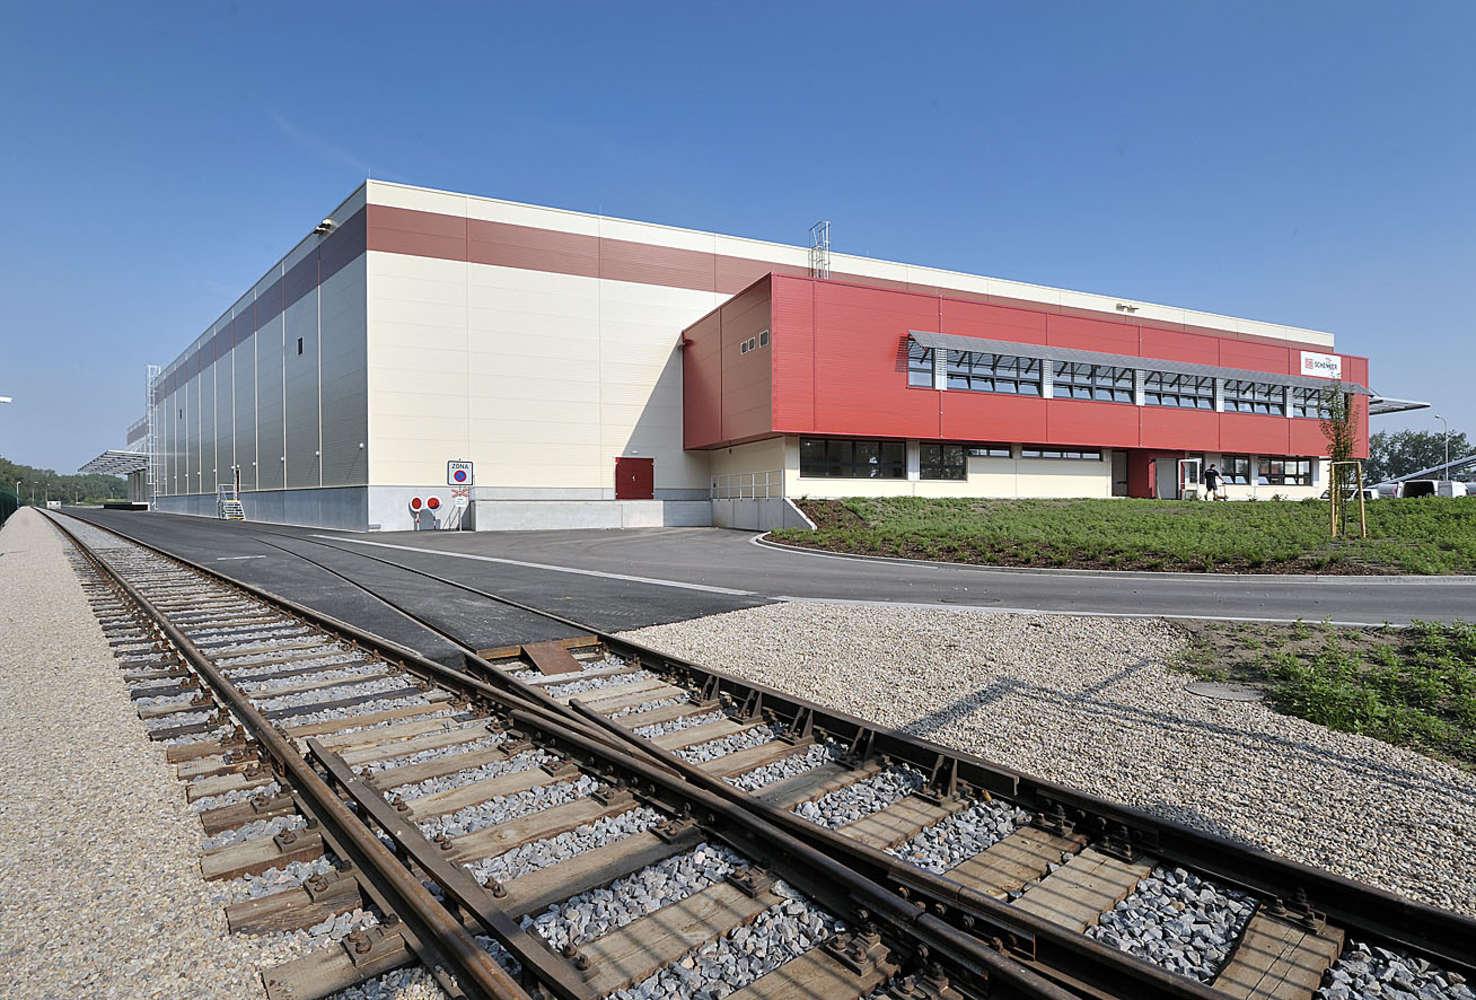 Průmyslové nemovitosti Pardubice - semtin,  - Logistické centrum Zelená Louka - 153050425179803